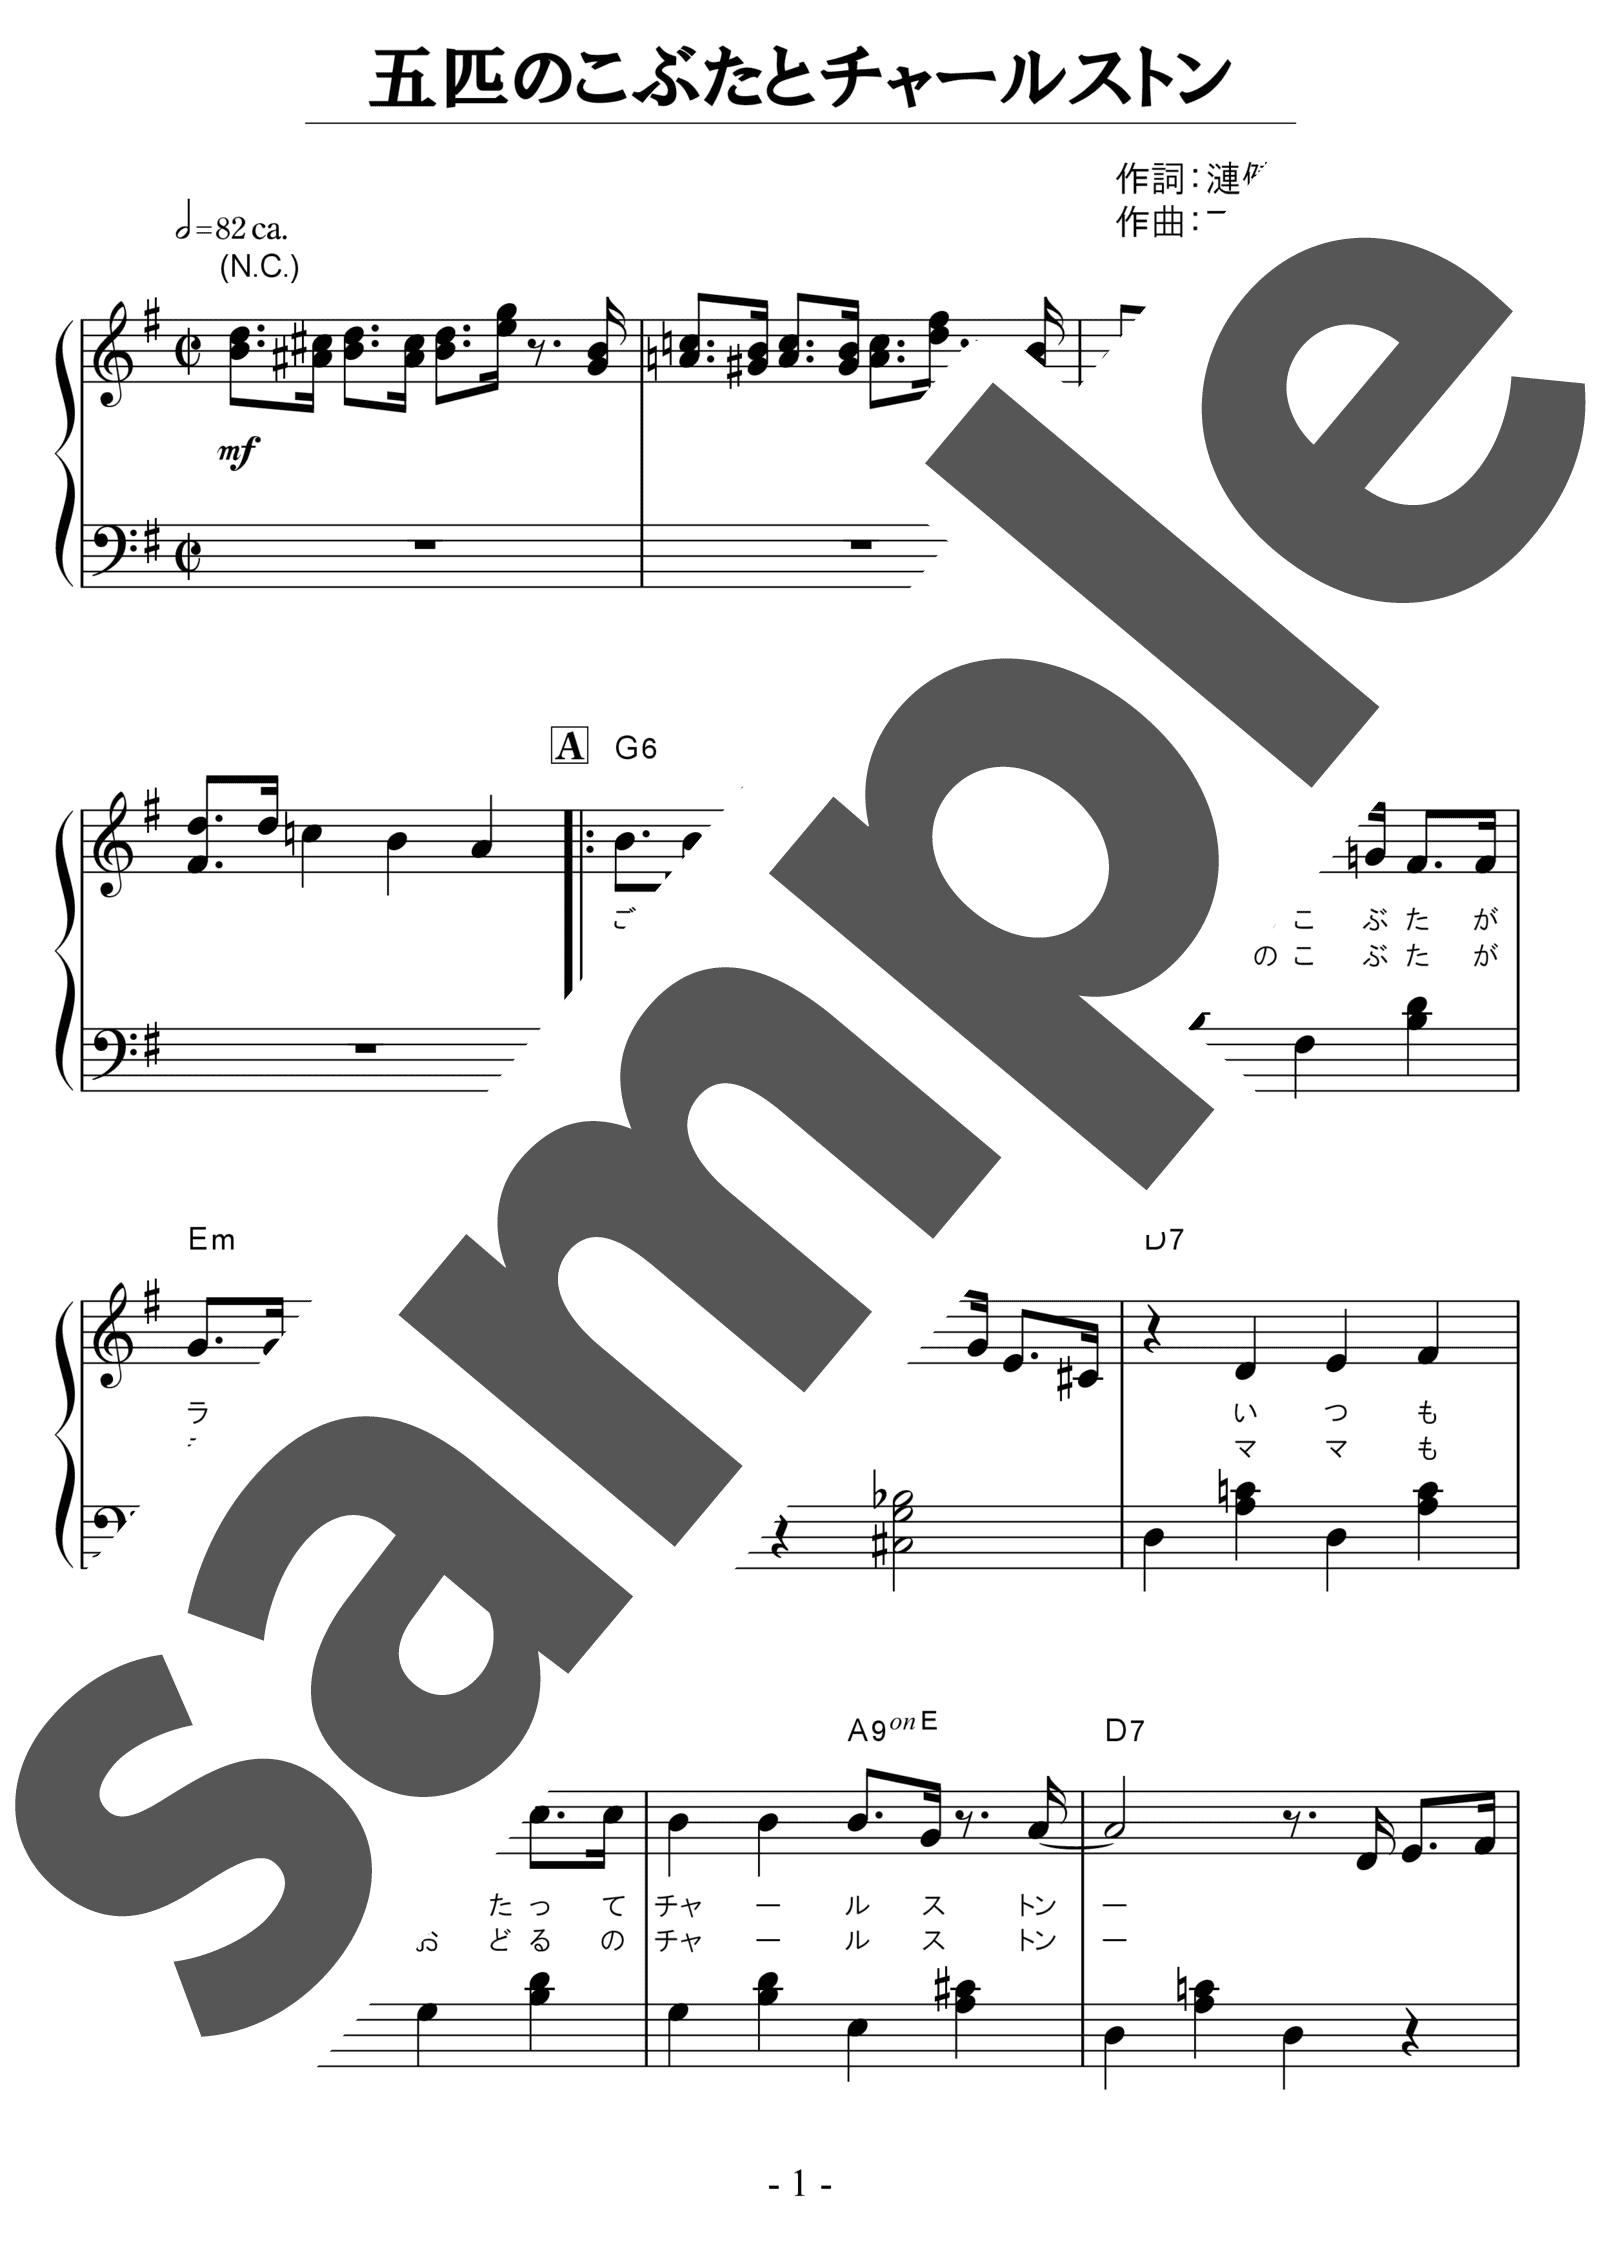 「5ひきのこぶたとチャールストン」のサンプル楽譜